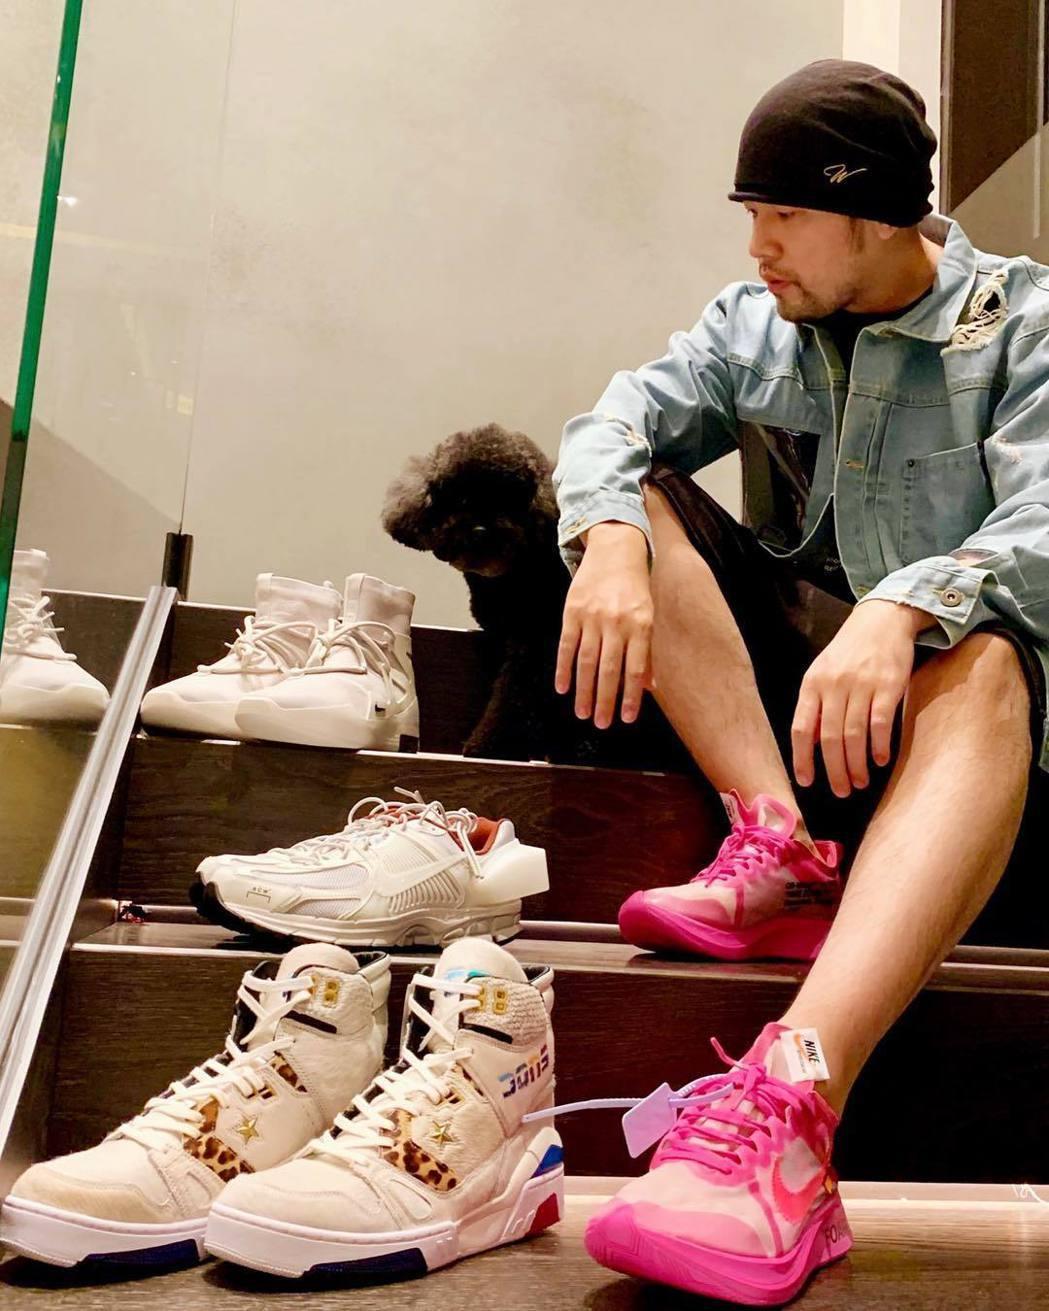 周杰倫日前曬出的桃紅色球鞋引人注目。 圖/擷自周杰倫IG